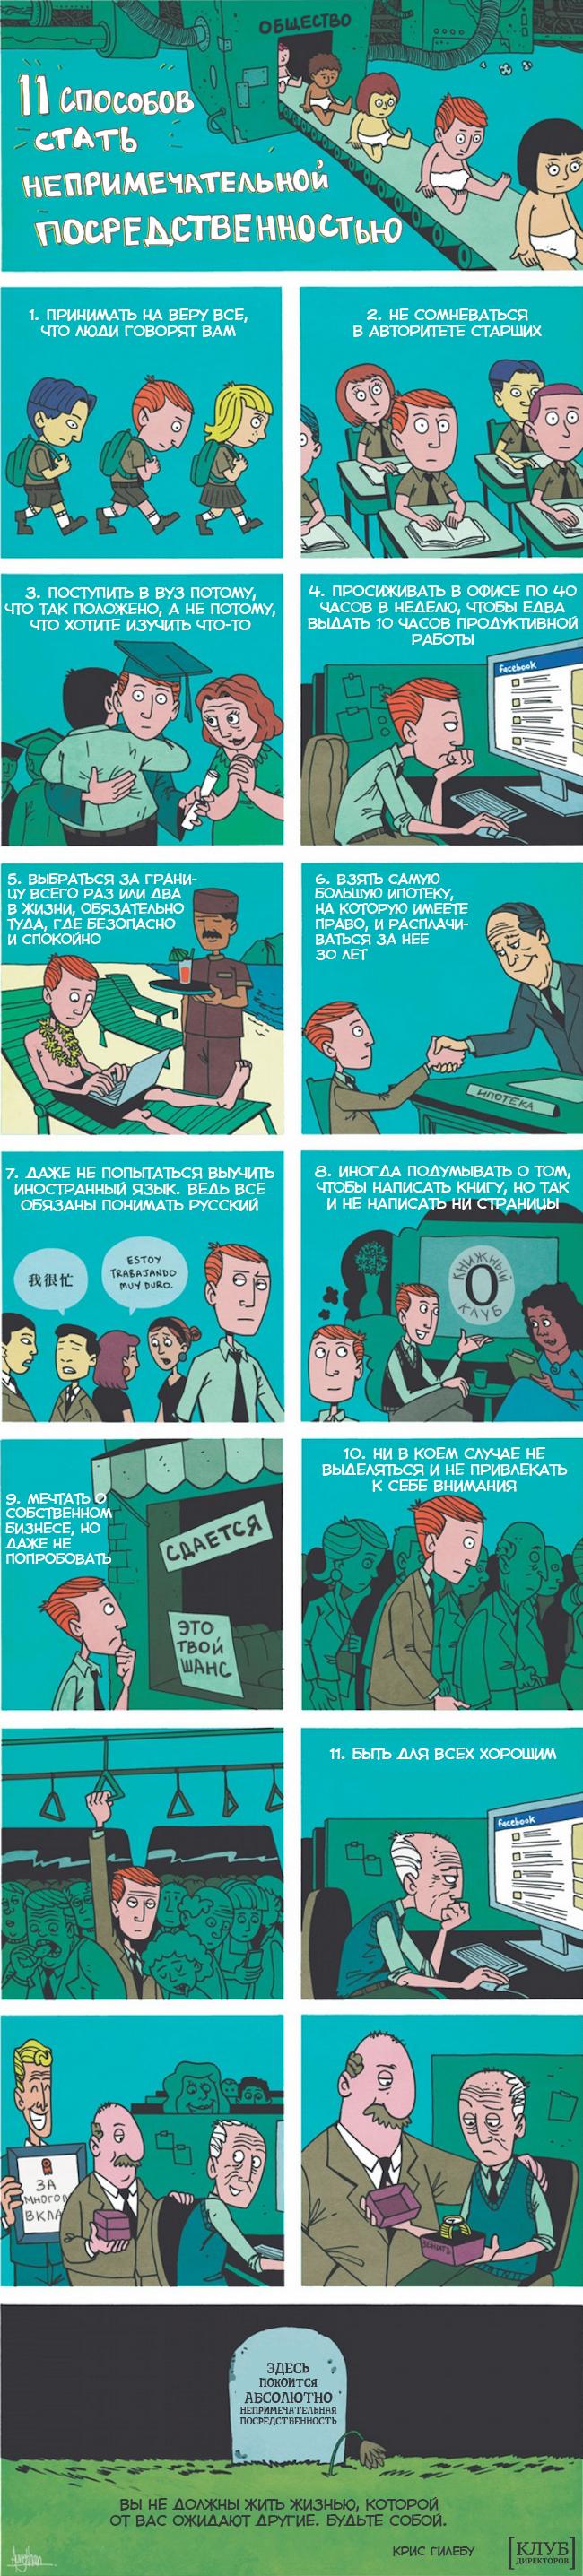 Как стать посредственностью - инфографика - Клуб Директоров